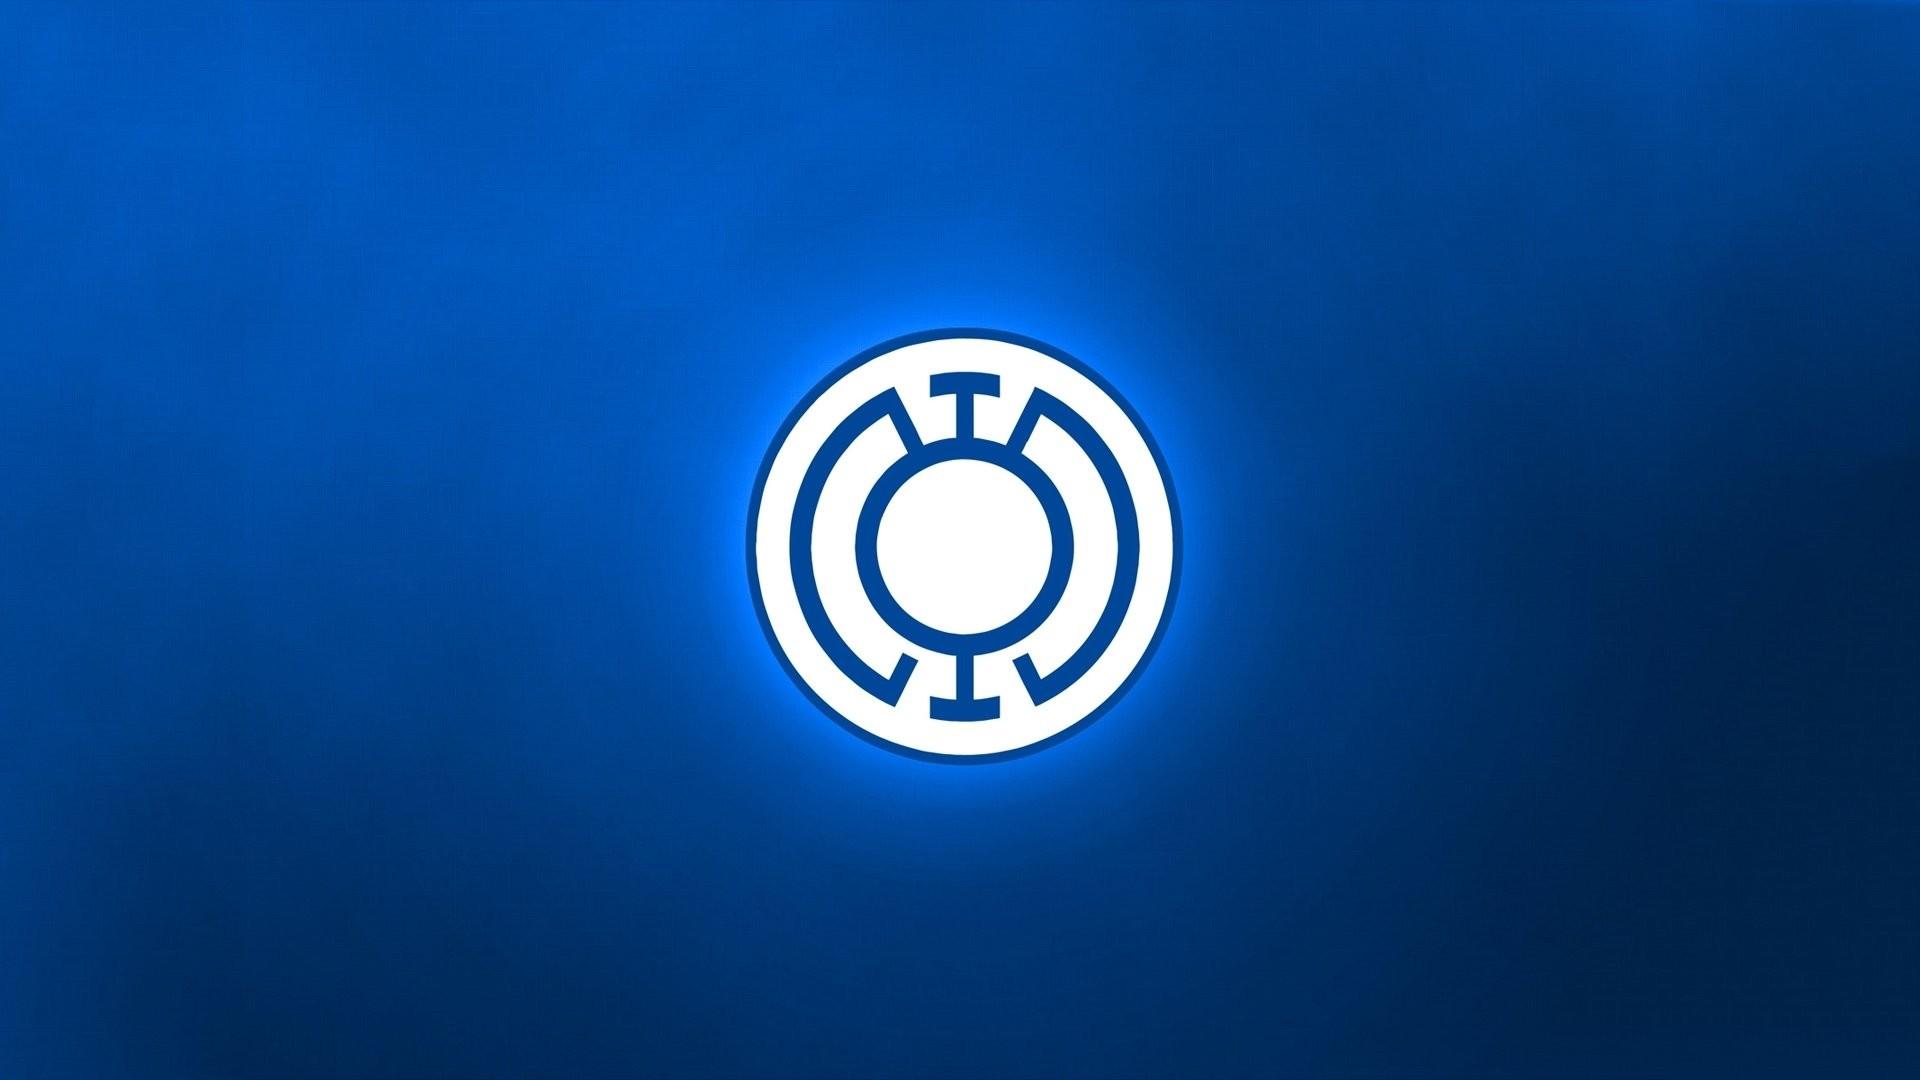 blue lantern wallpaper 62